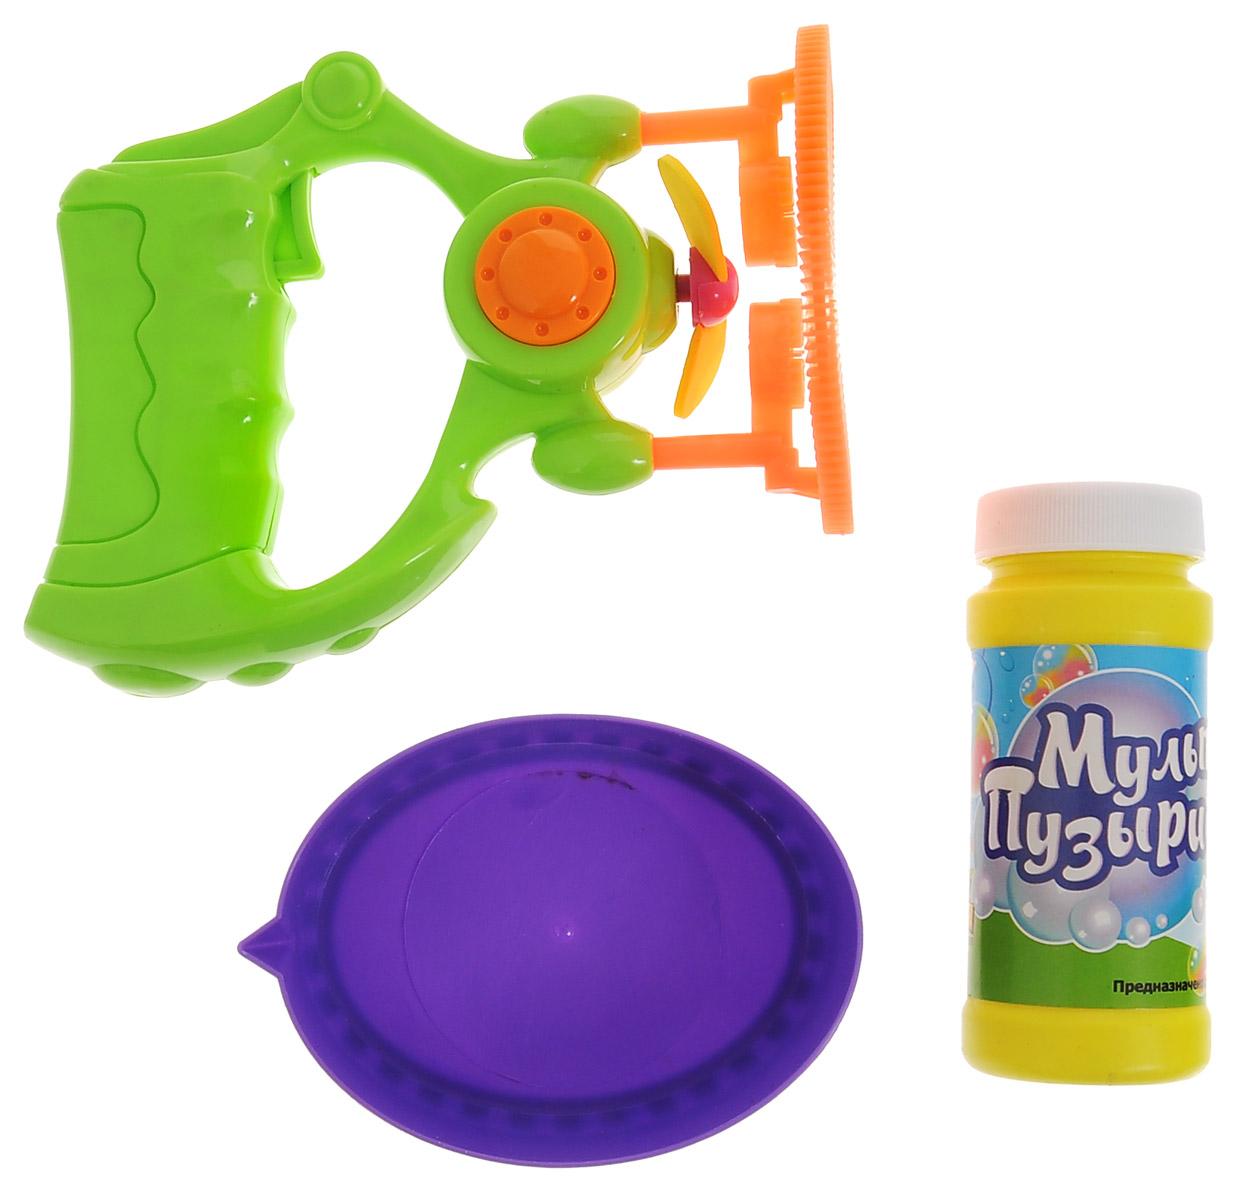 Веселая затея Игрушка с мыльными пузырями Мульти Пузыри1504-0400Выдувание мыльных пузырей - это веселое развлечение для детей и взрослых. А с игрушкой Веселая затея Мульти Пузыри вас ждет просто гигантская очередь мыльных пузырей! Для этого налейте мыльный раствор в емкость, опустите в нее носик игрушки, поднимите в воздух и нажмите на курок. Вы увидите невероятное количество пузырей. А самое главное - это пузыри внутри пузырей! Устройте малышу настоящее мыльное шоу! В комплекте для выдувания мыльных пузырей: пластиковый пистолет, пузырек с мыльной жидкостью, емкость для макания. Для работы игрушки необходимы 2 батарейки типа АА (не входят в комплект).